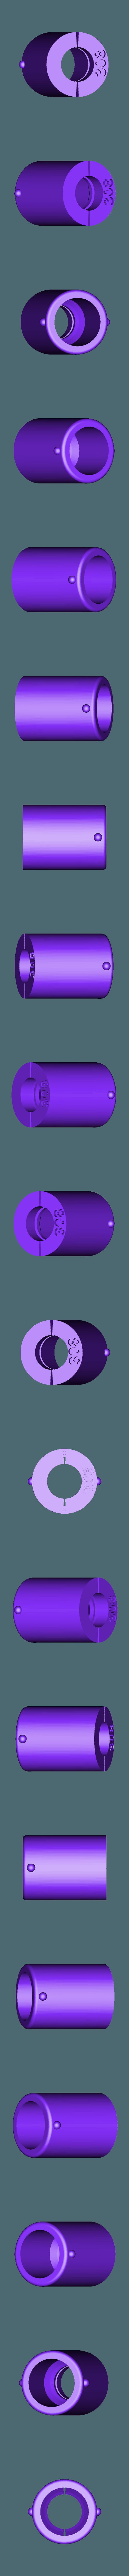 insert.308.simple.stl Download free STL file Bullet puller • 3D printable design, LionFox